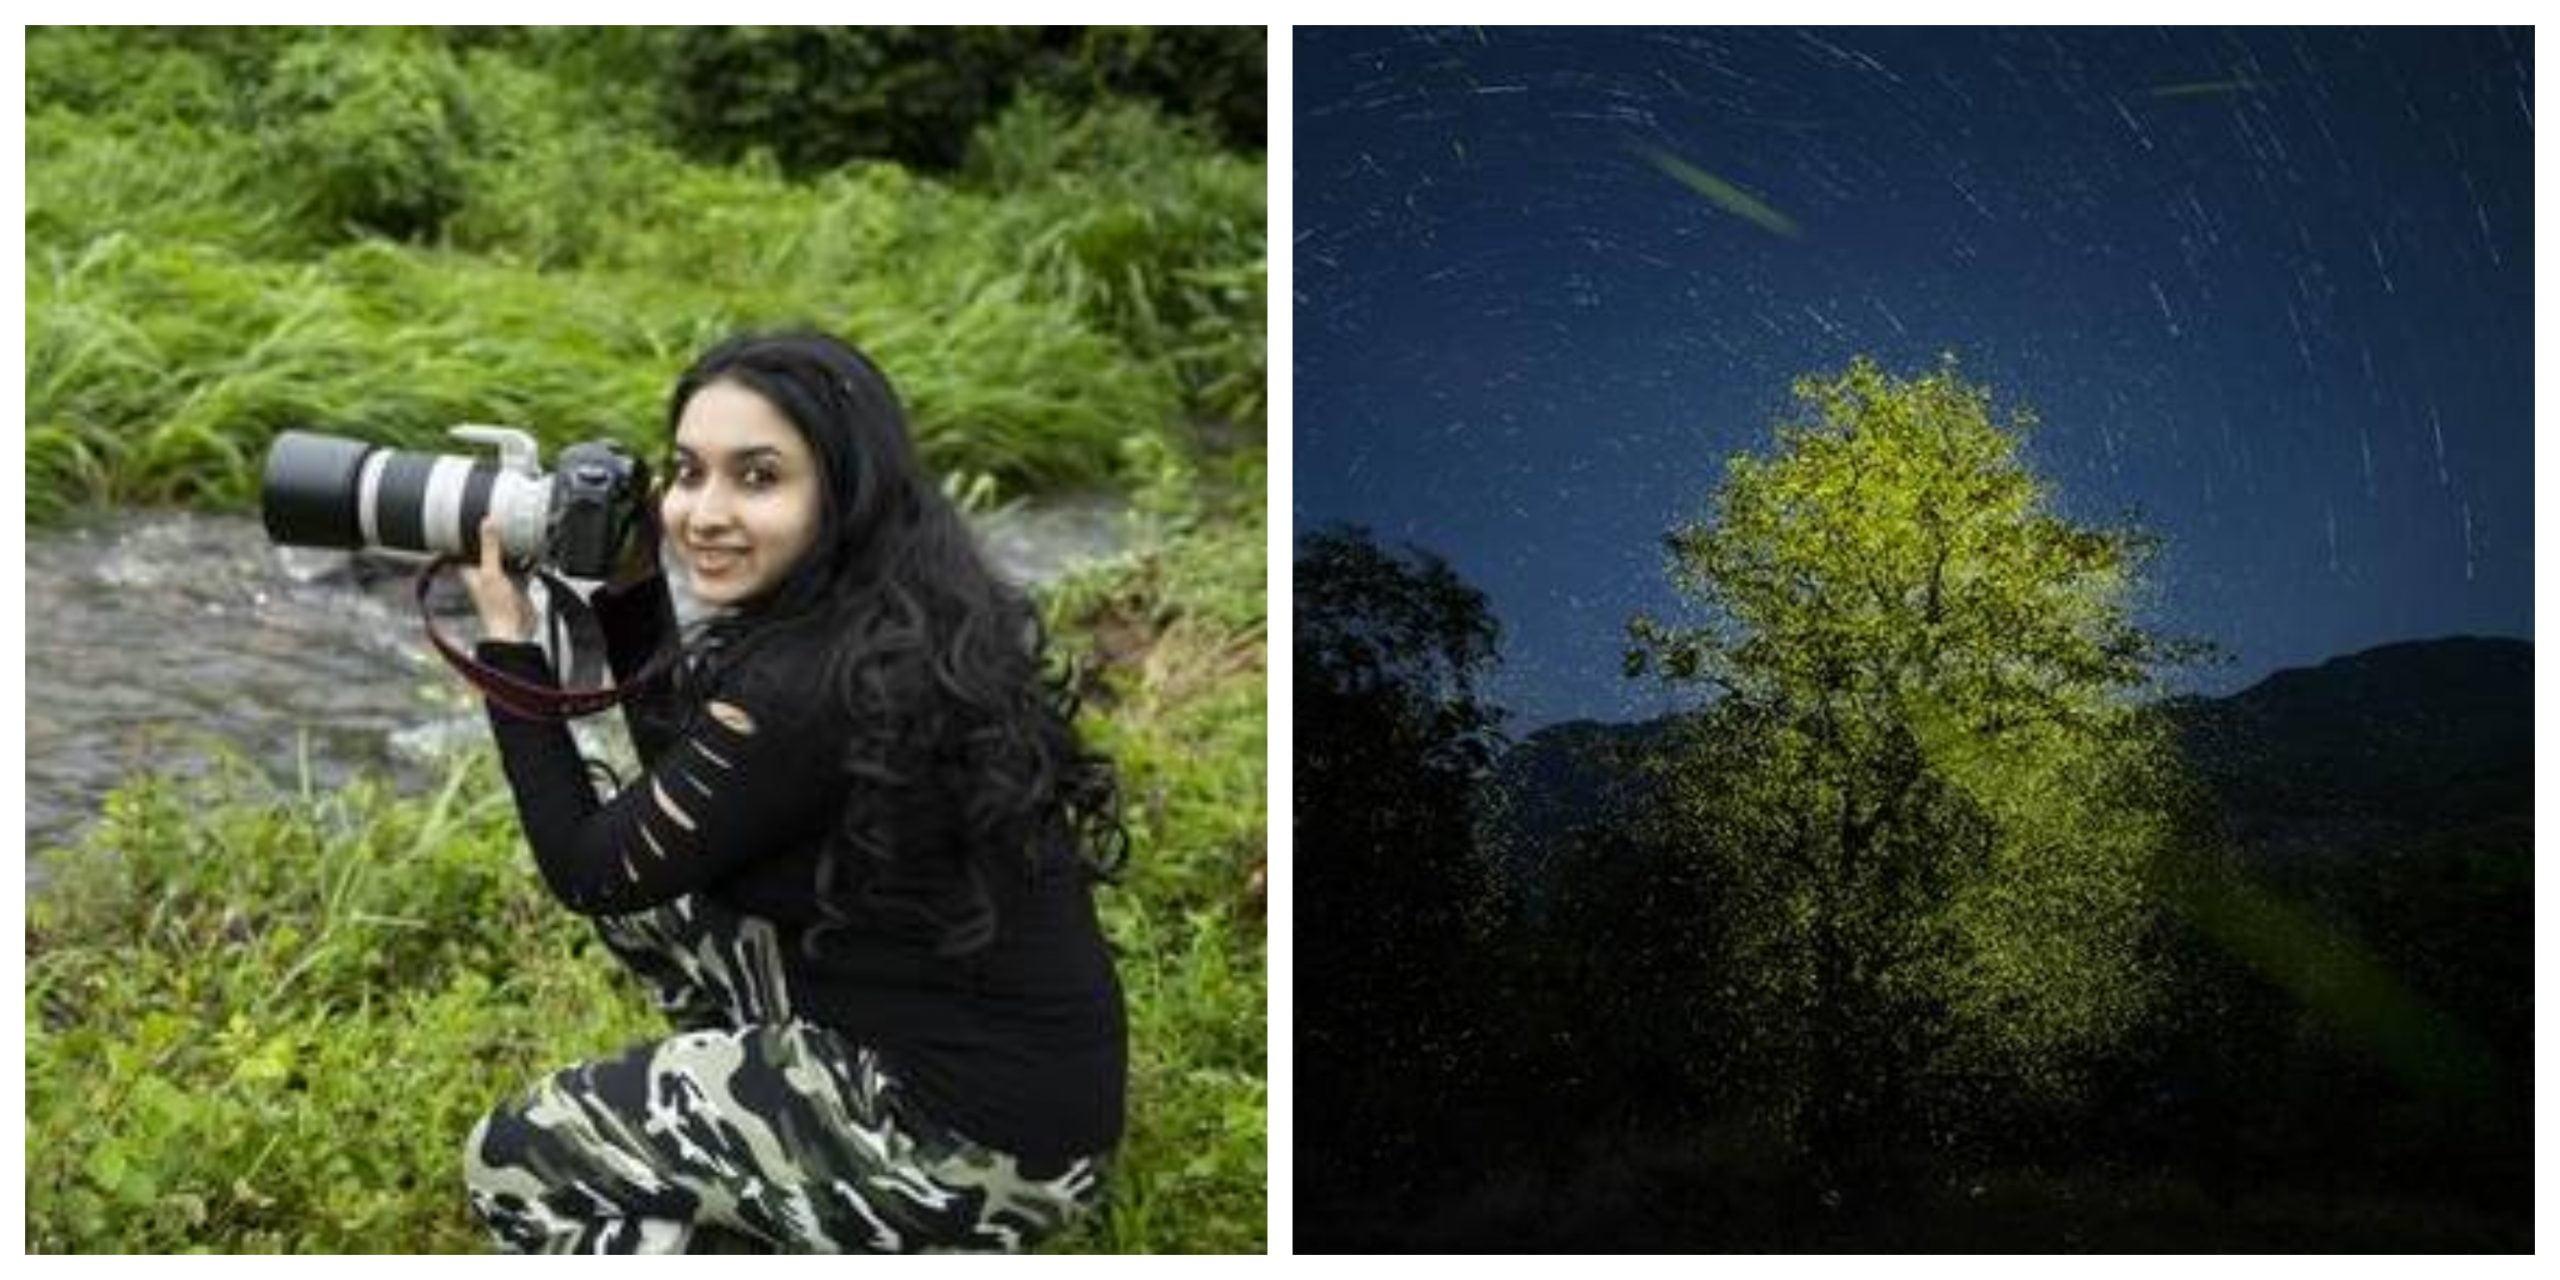 ऐश्वर्या श्रीधर: वाइल्डलाइफ फोटोग्राफर ऑफ़ द ईयर 2020 का खिताब जीतने वाली पहली भारतीय महिला